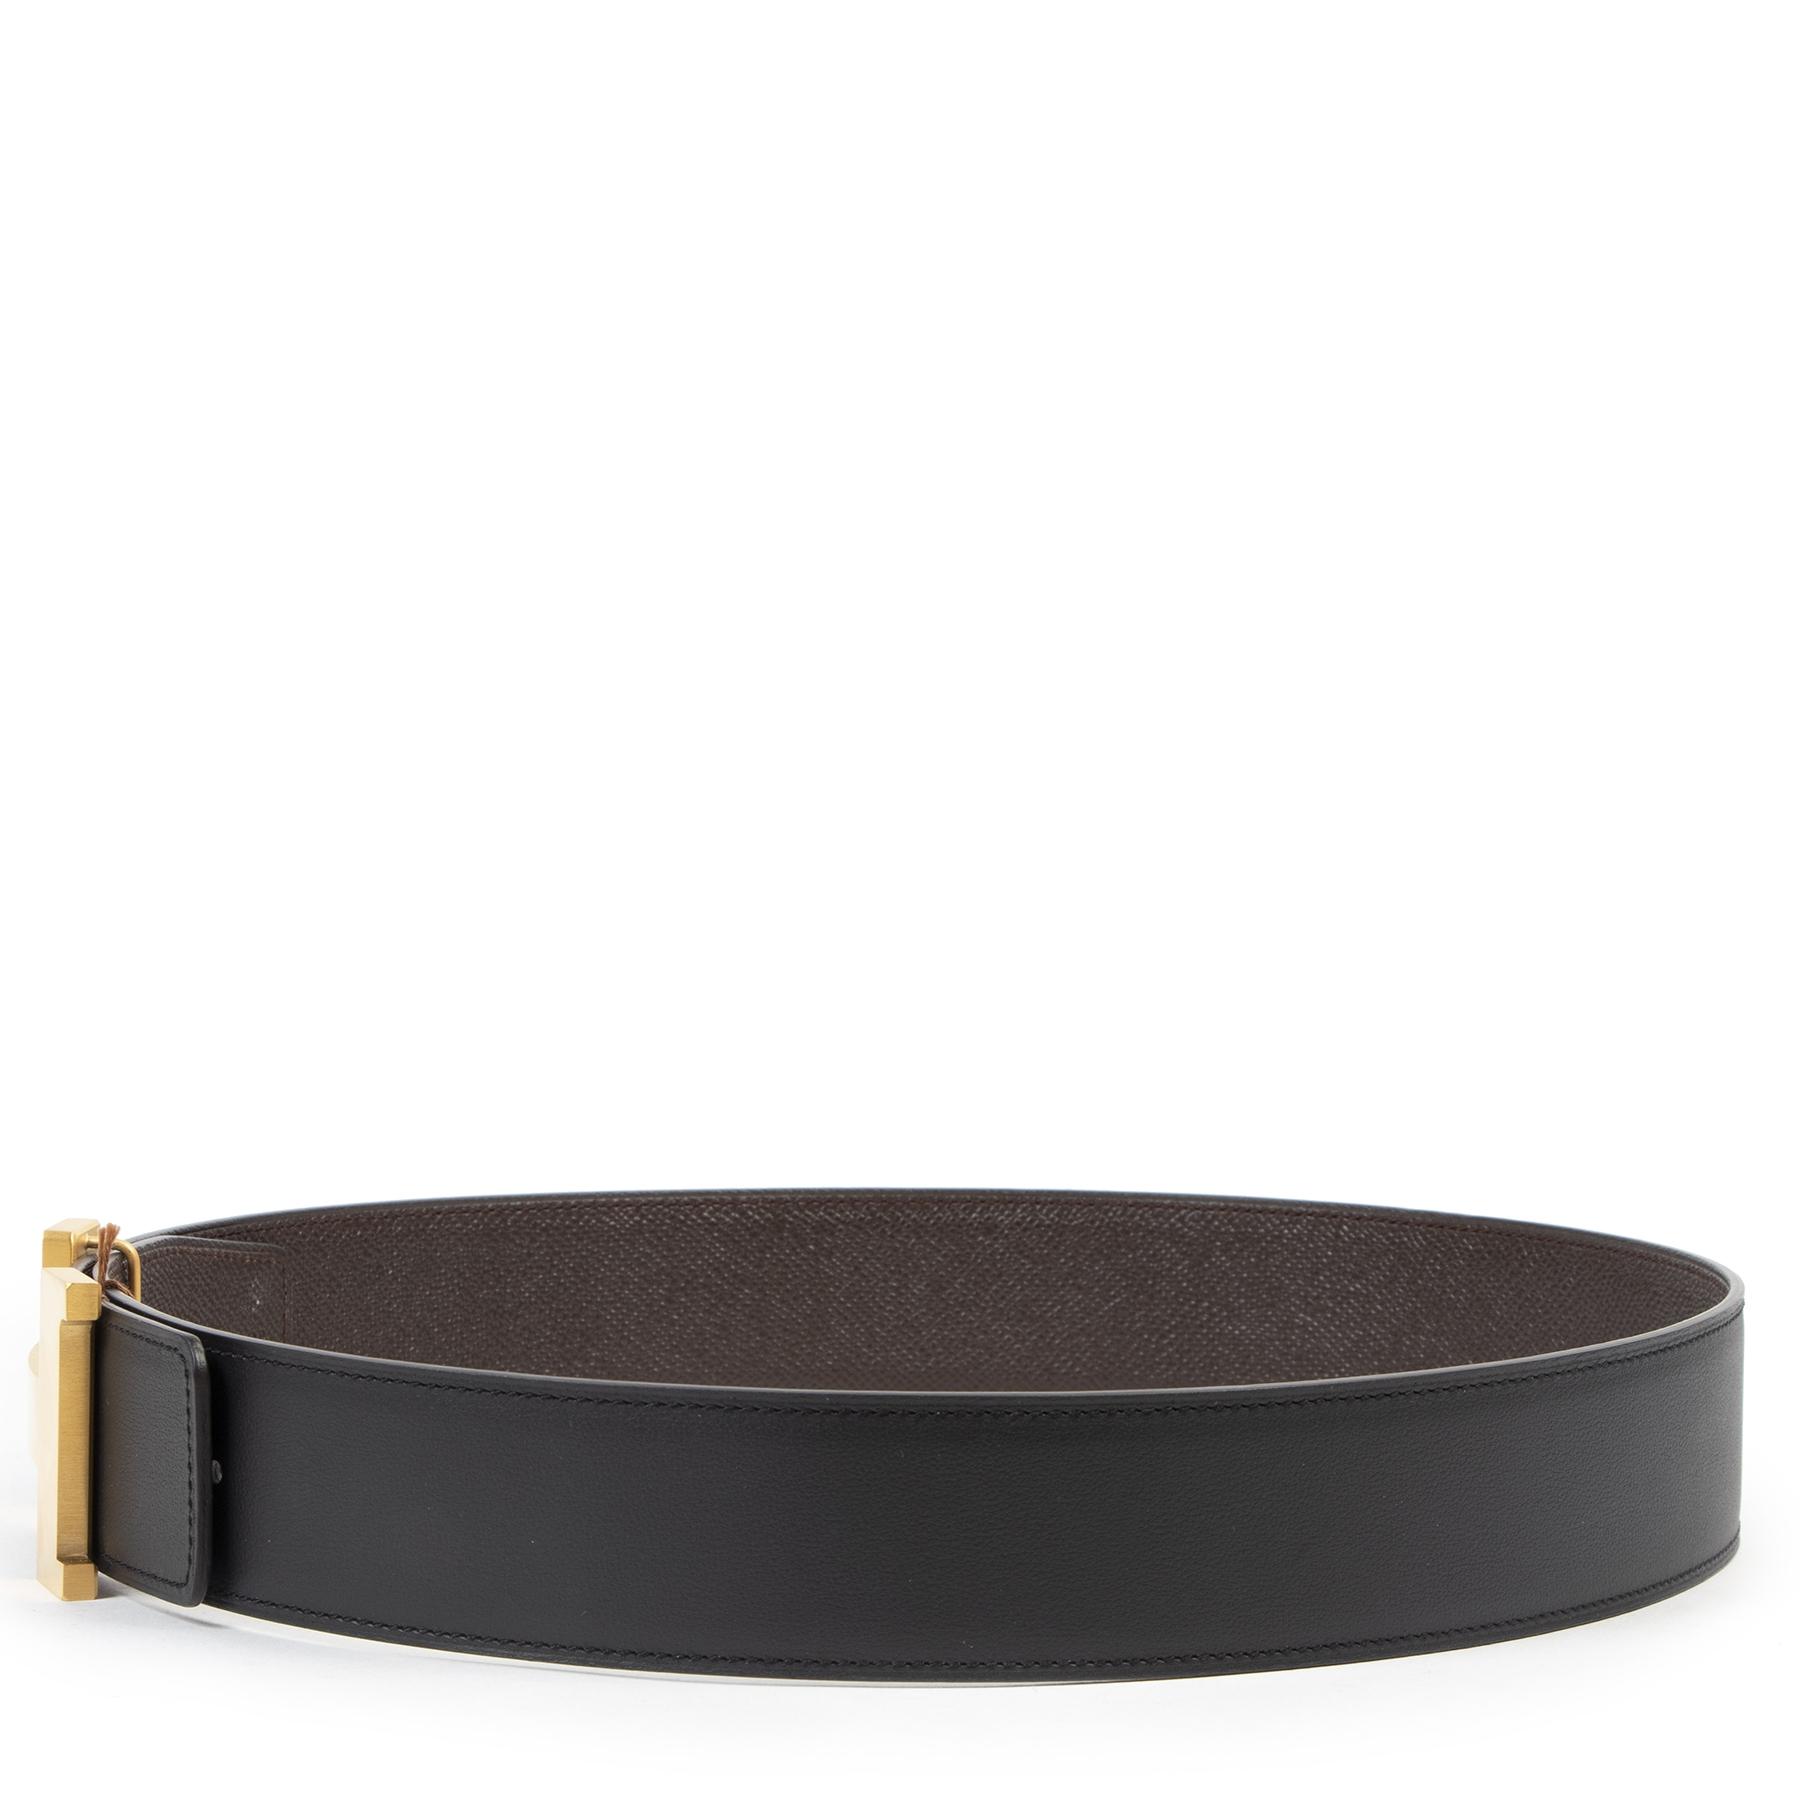 Authentique seconde-main vintage Hermès Reversible Gold Constance Belt - Size 80 achète en ligne webshop LabelLOV